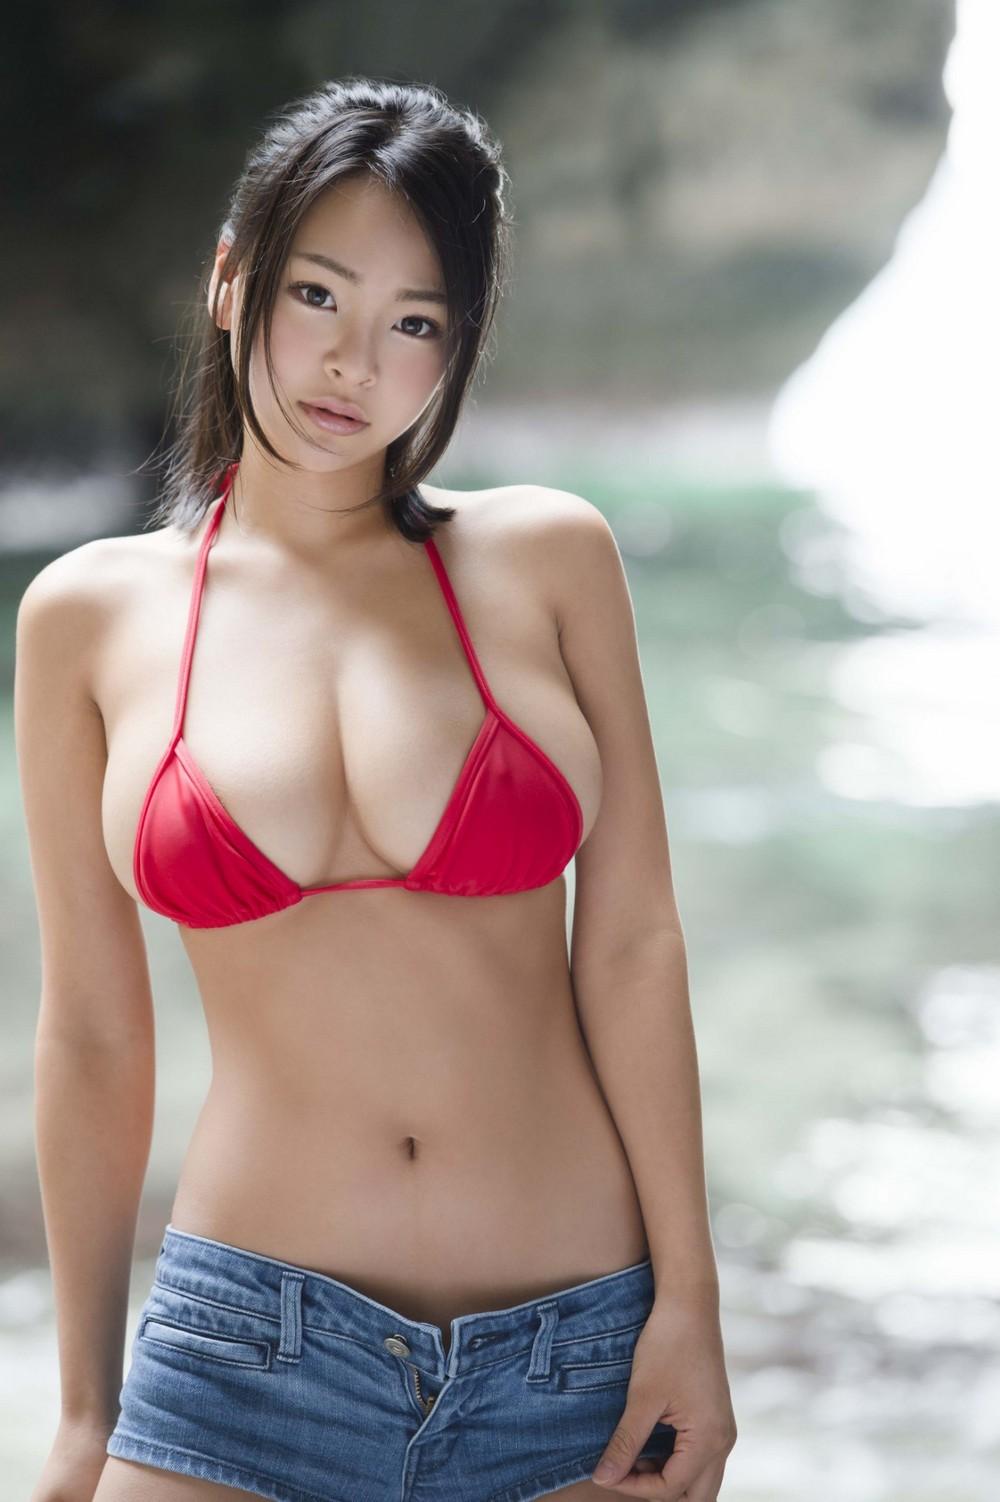 Фото Голых Азиаток 18